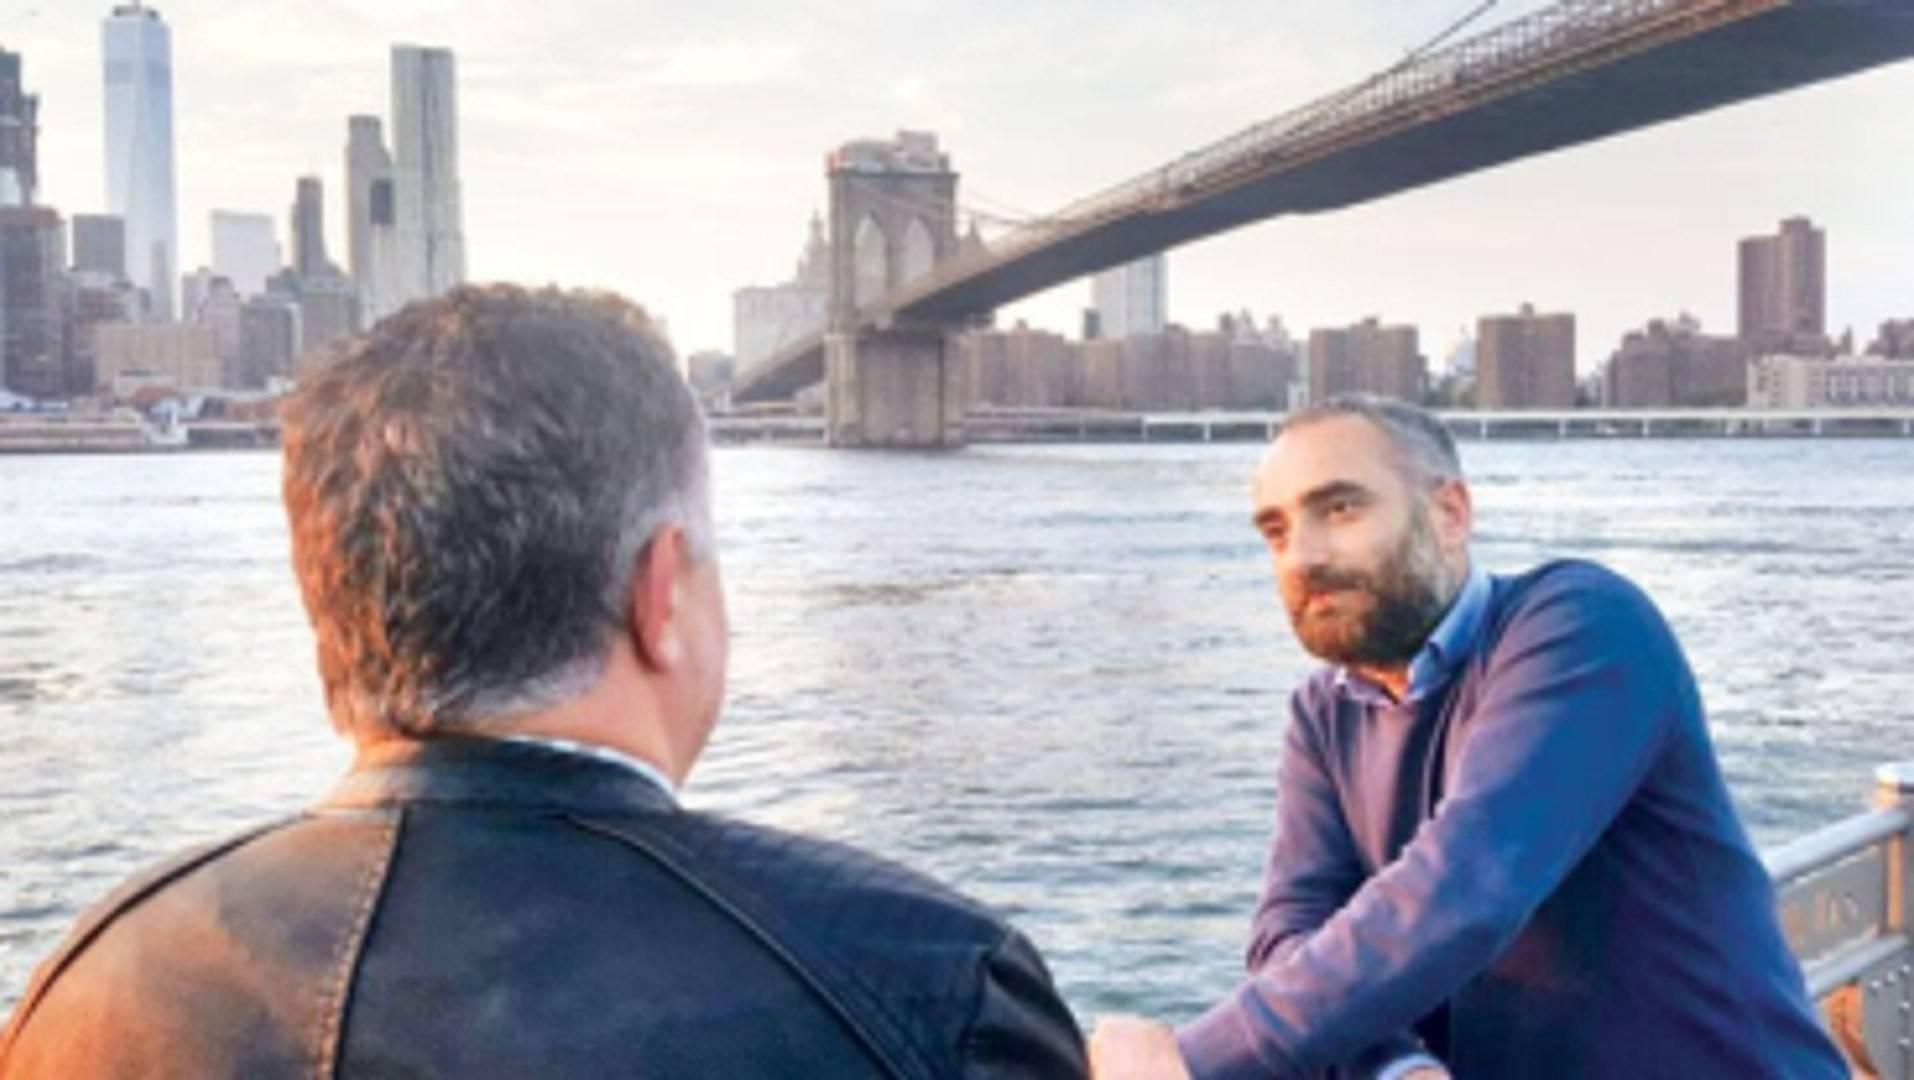 Gazeteci İsmail Saymaz, ByLock'un patentinin sahibi David Keynes adlı Türk asıllı kişi ile New York'ta konuşmuştu.